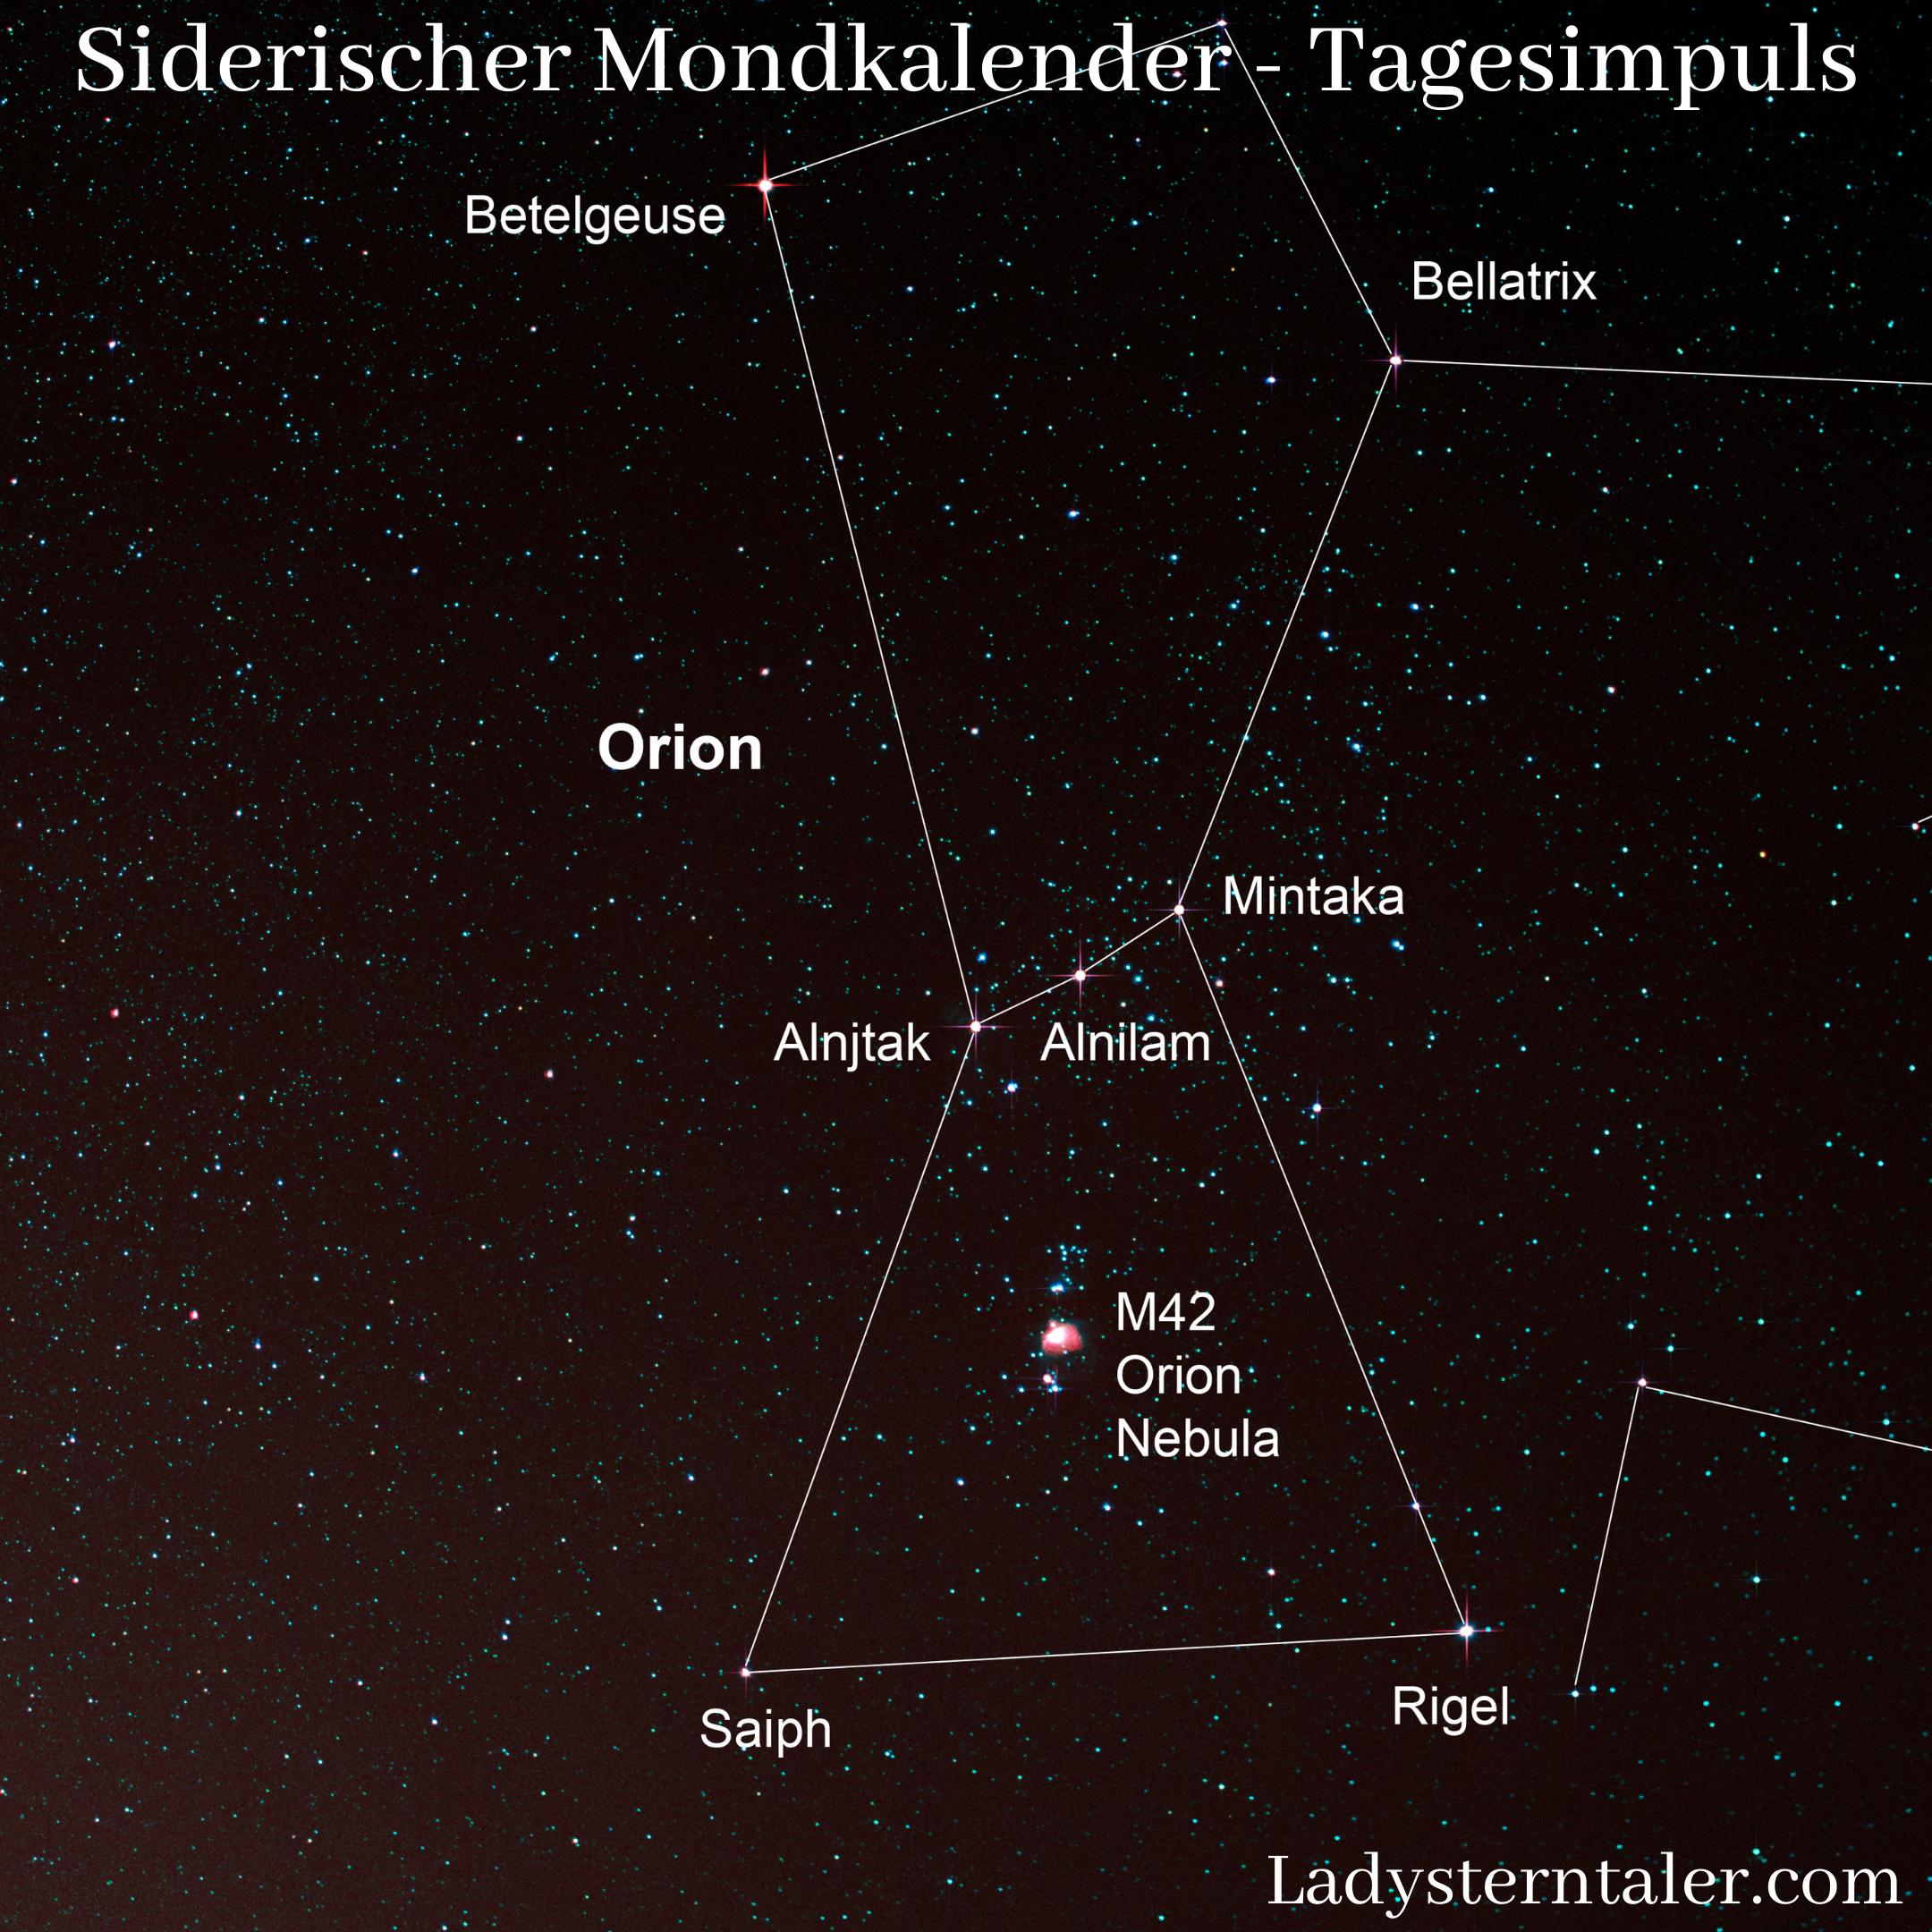 Siderischer Mondkalender - Tagesimpuls